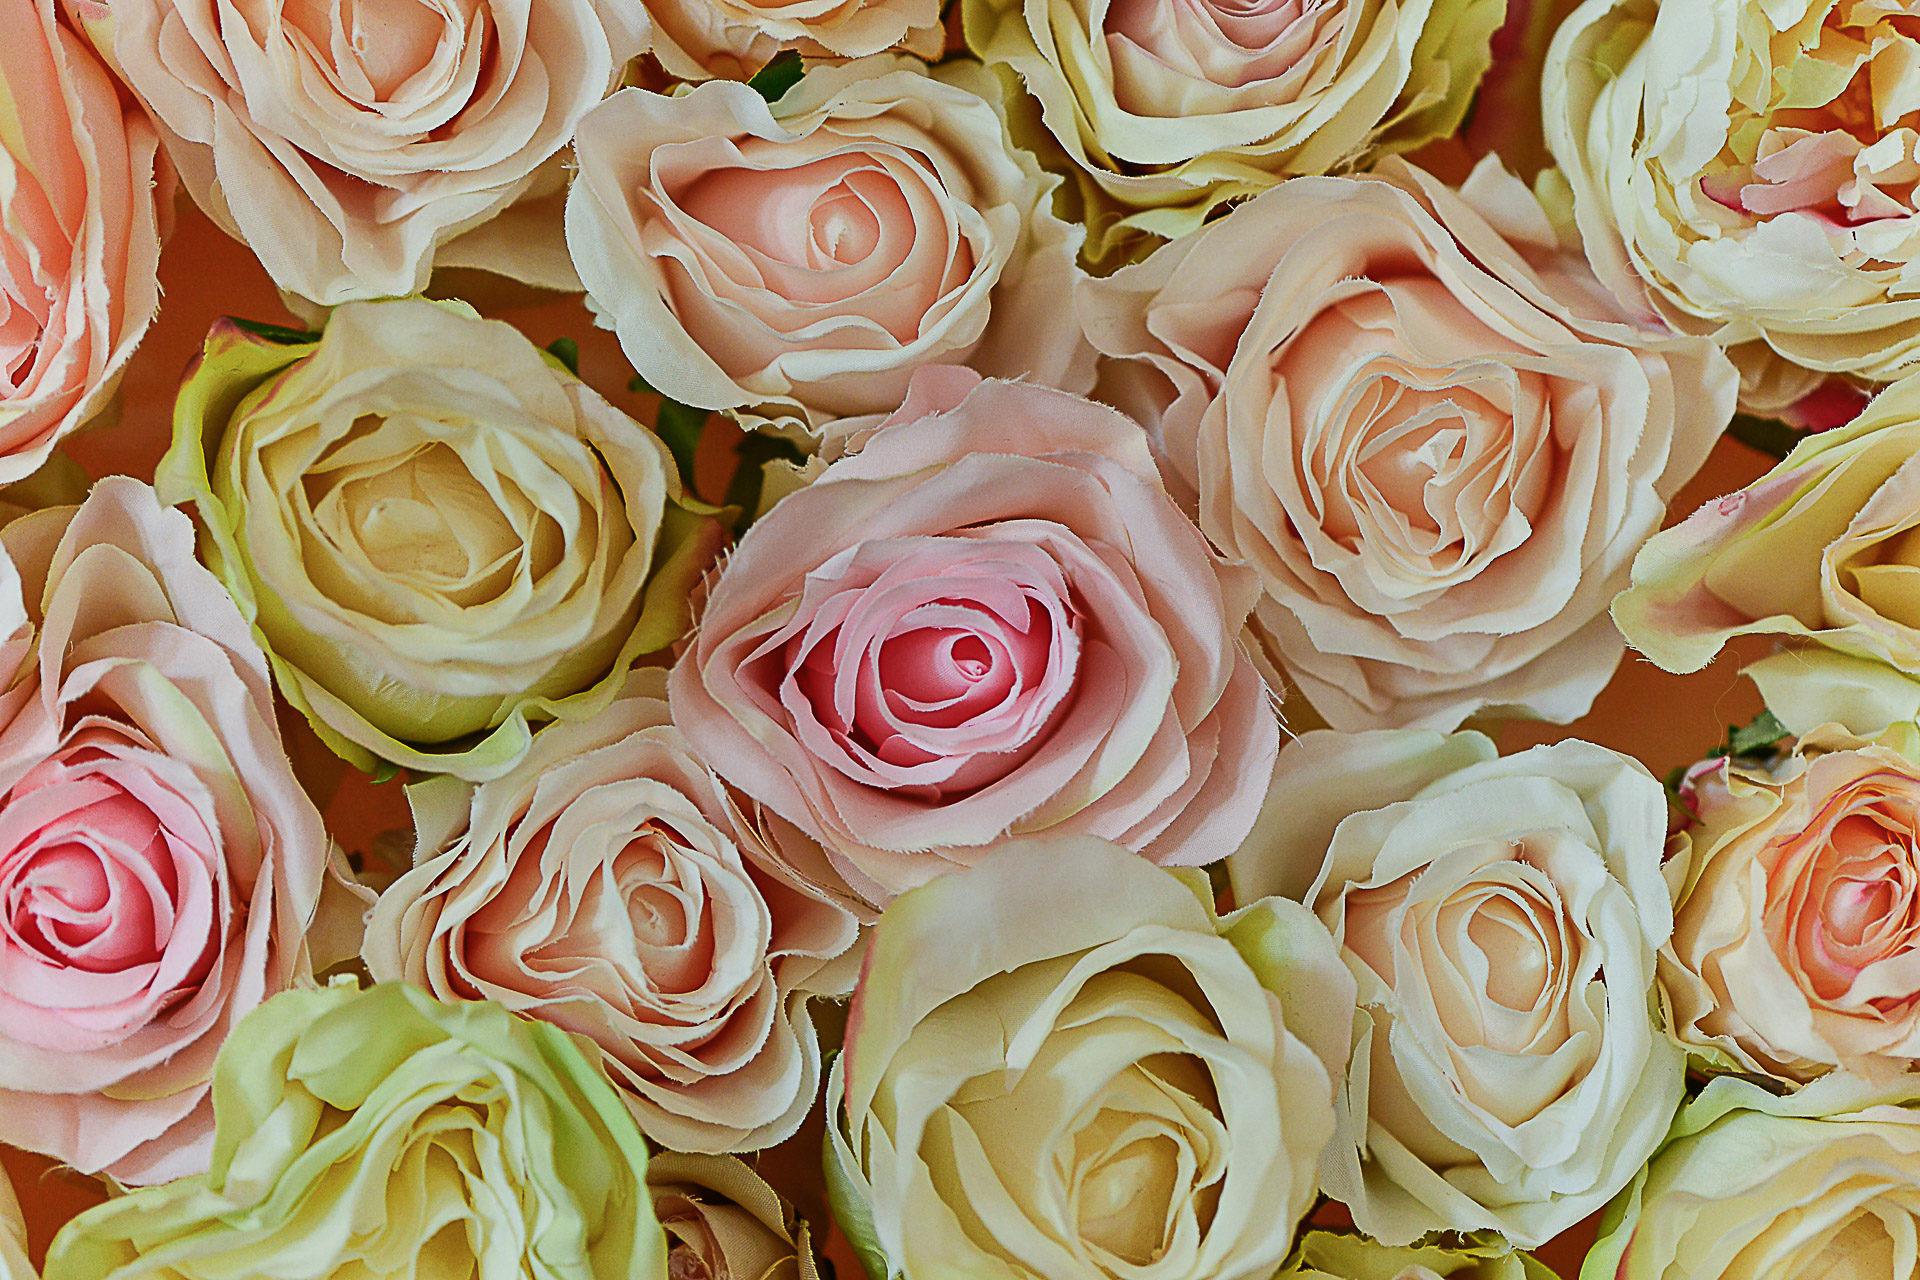 photographe-mariage-ile-de-france-roses-decoration-plan-de-tables